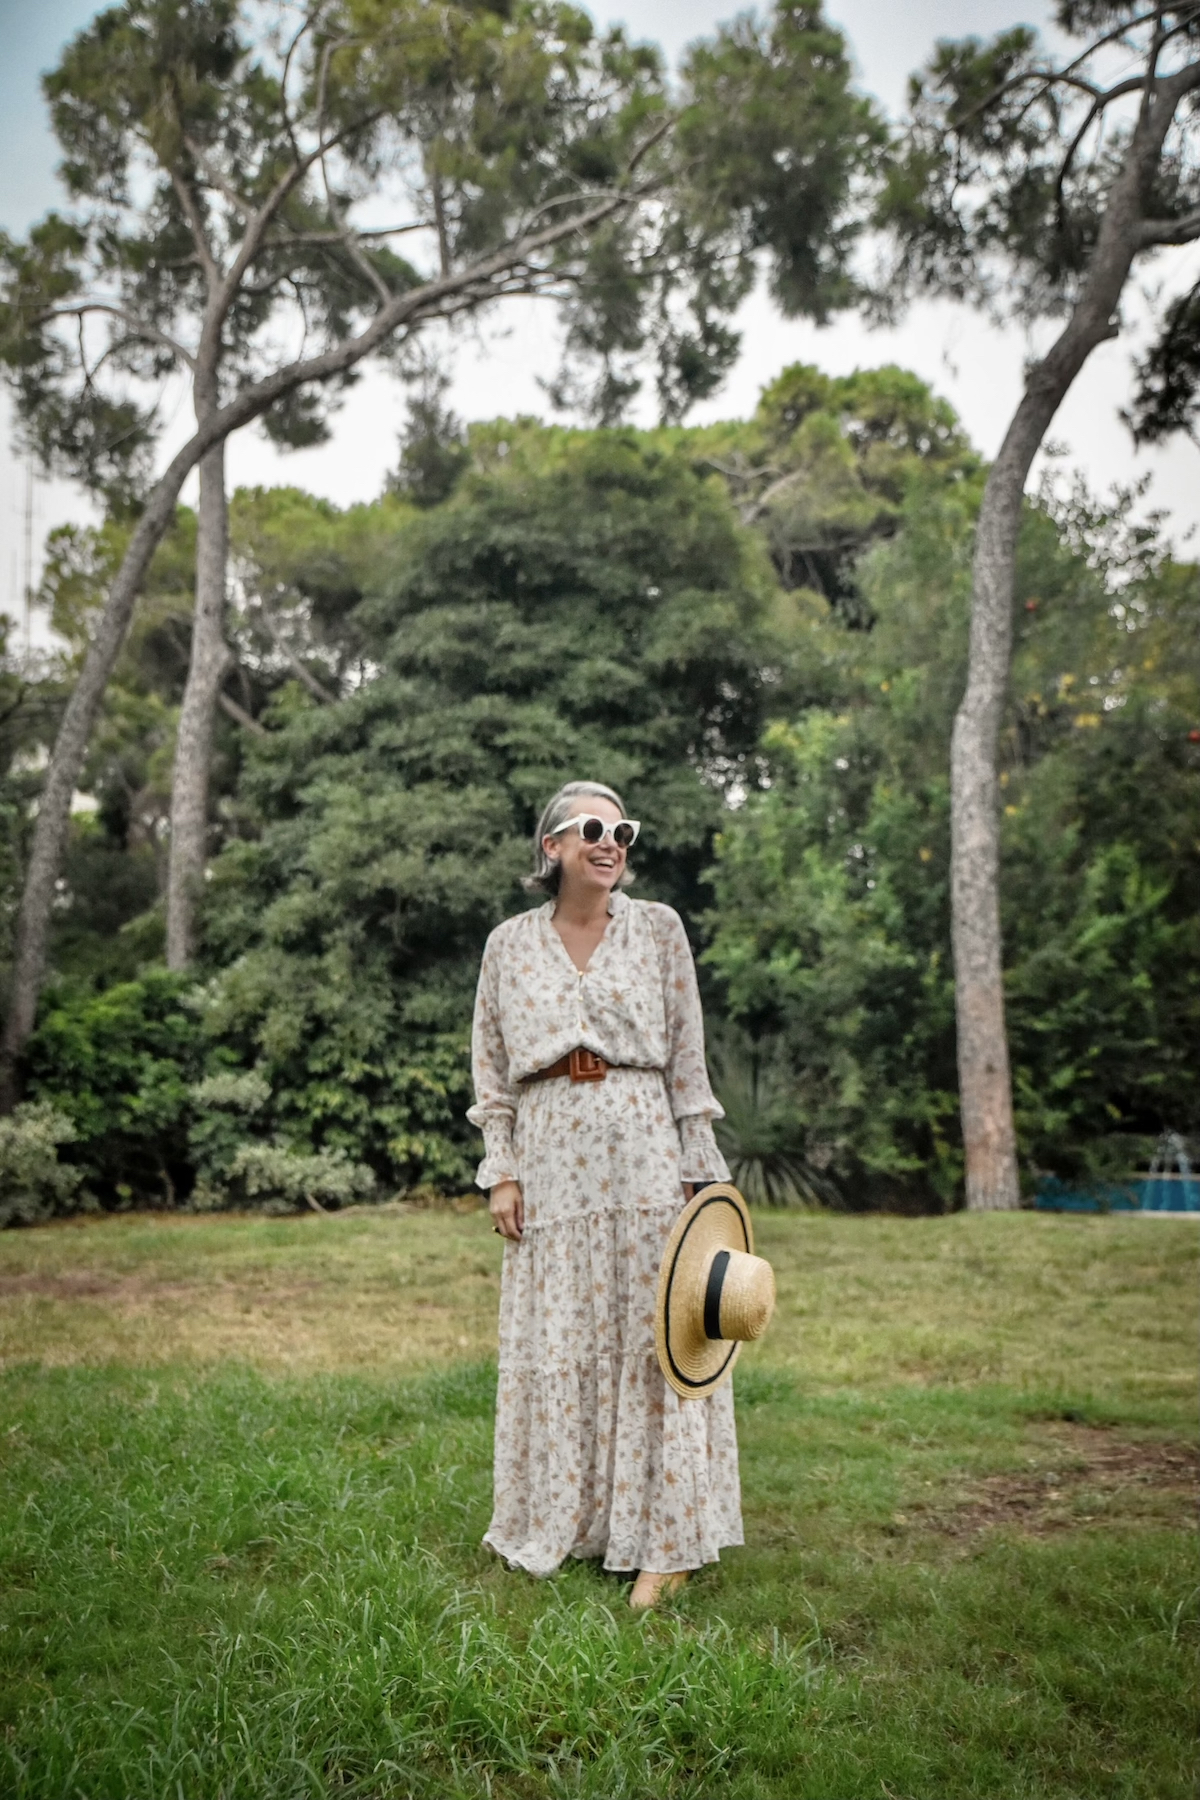 גן מניה שוחט שמלת מקסי פרחונית גולף שירי ויצנר בלוג חיפאית11